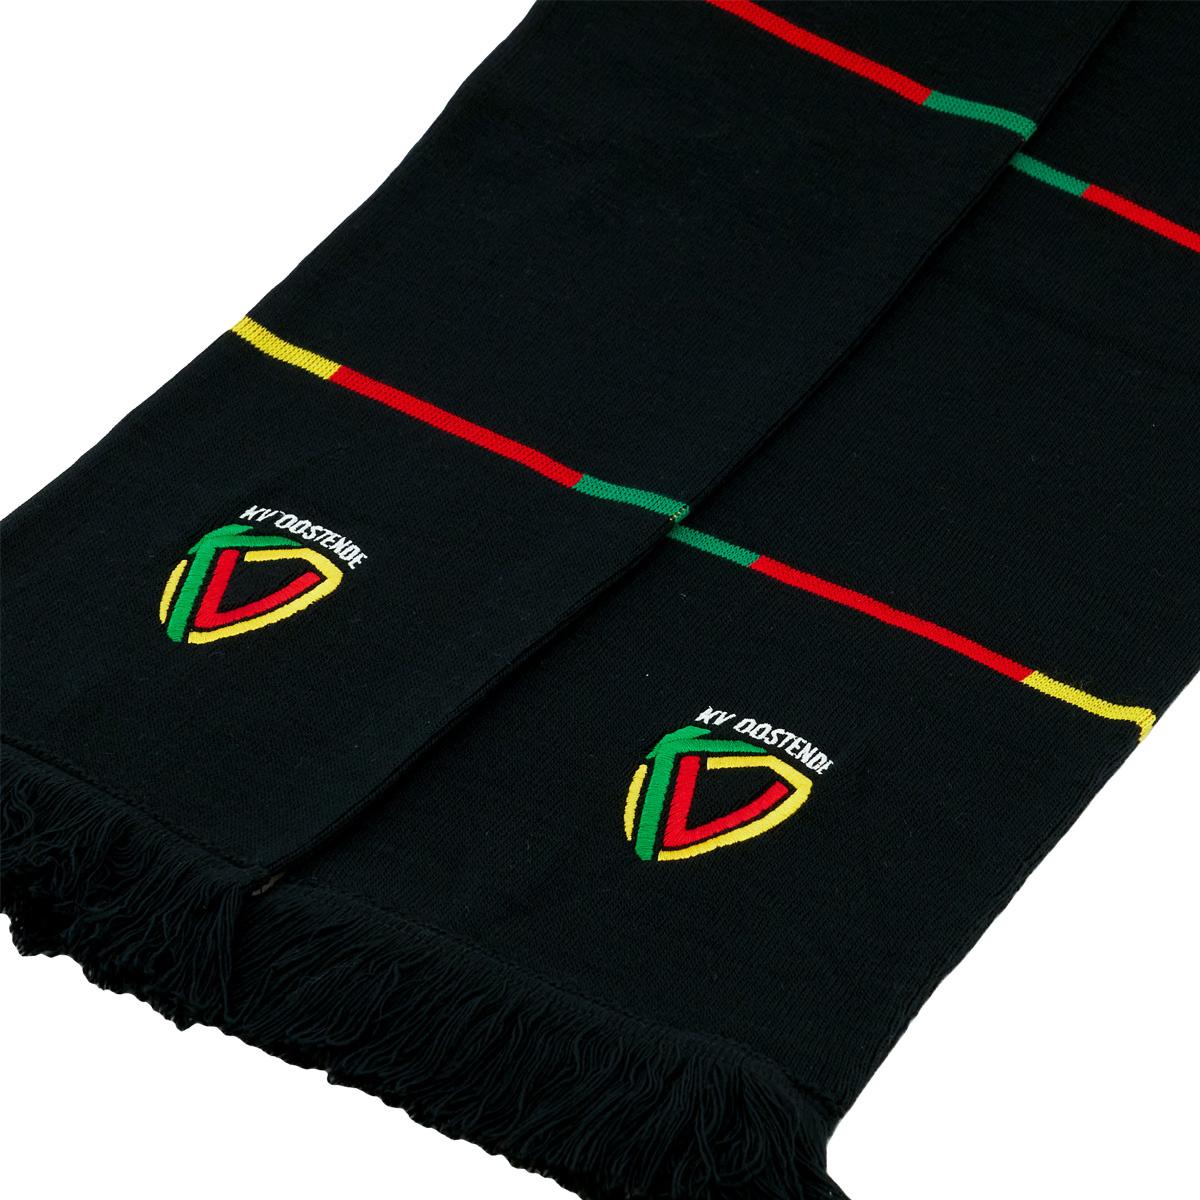 Topfanz Sjaal blokken zwart geel rood lijntjes